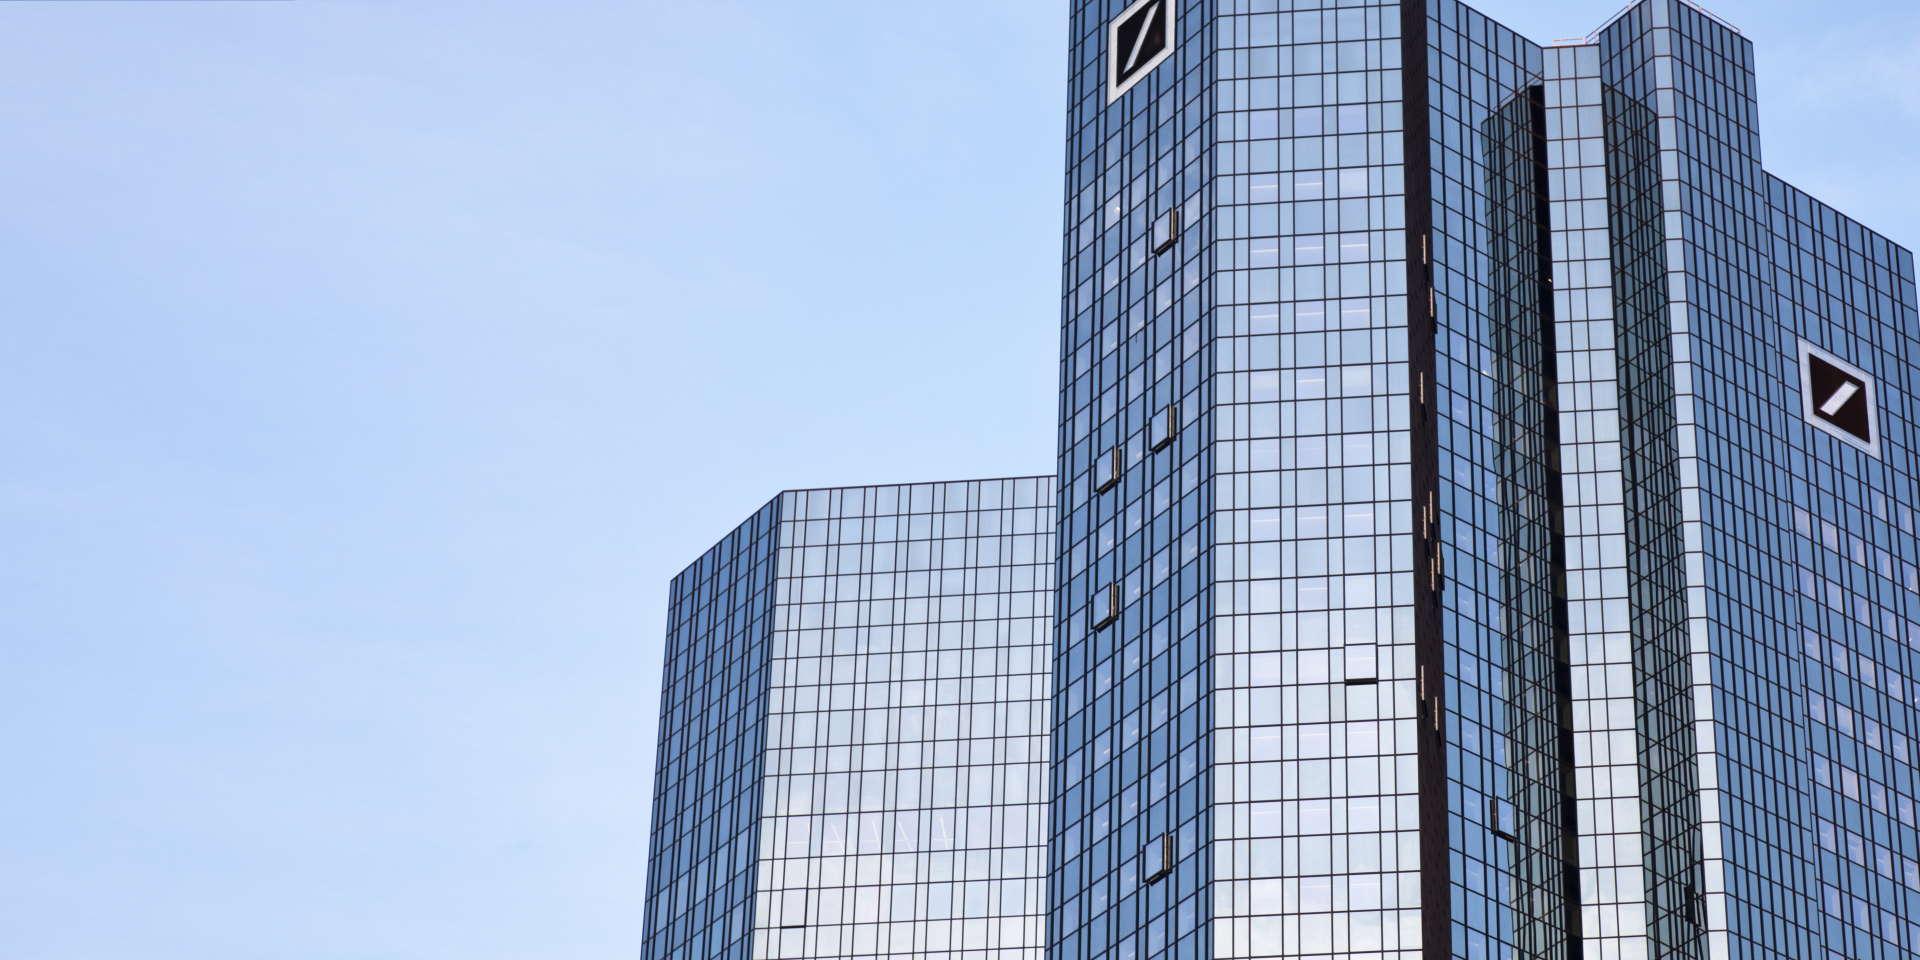 Deutsche Bank annonce un bénéfice avant impôts de 1,2 milliard € au 2e trimestre 2021